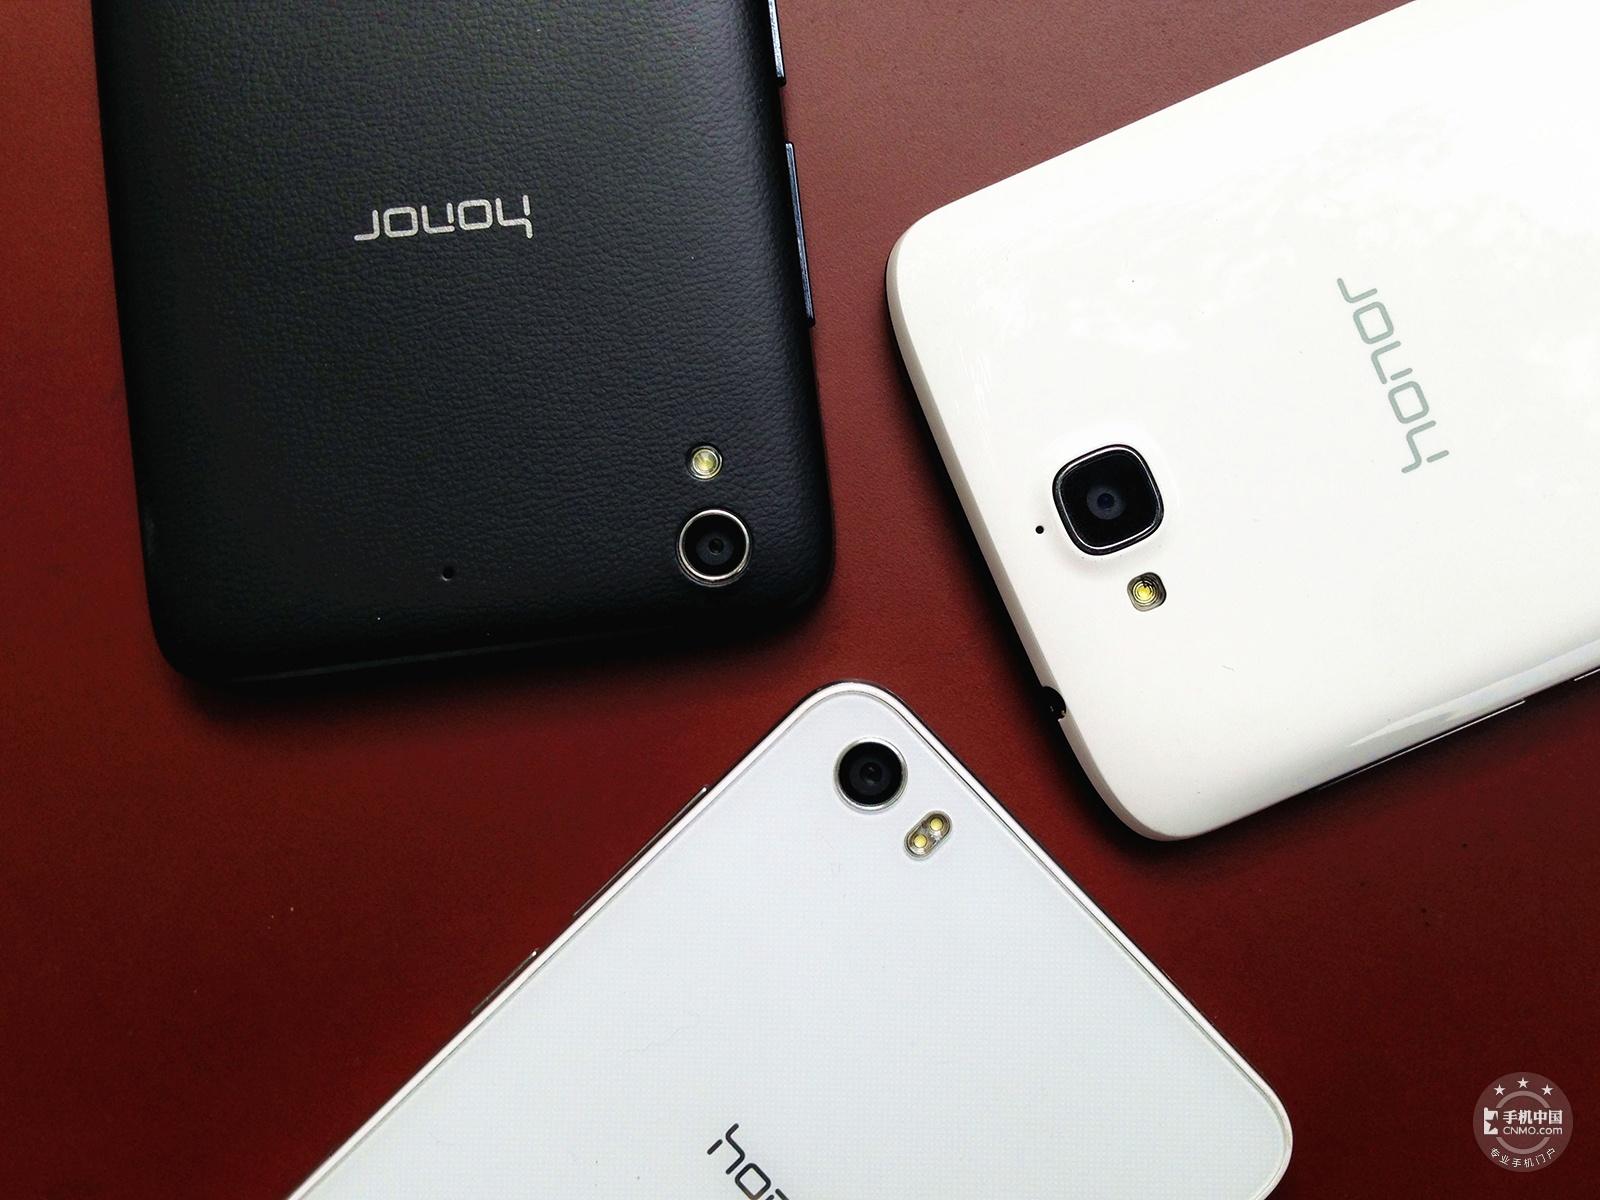 荣耀6(移动4G/16GB)产品对比第4张